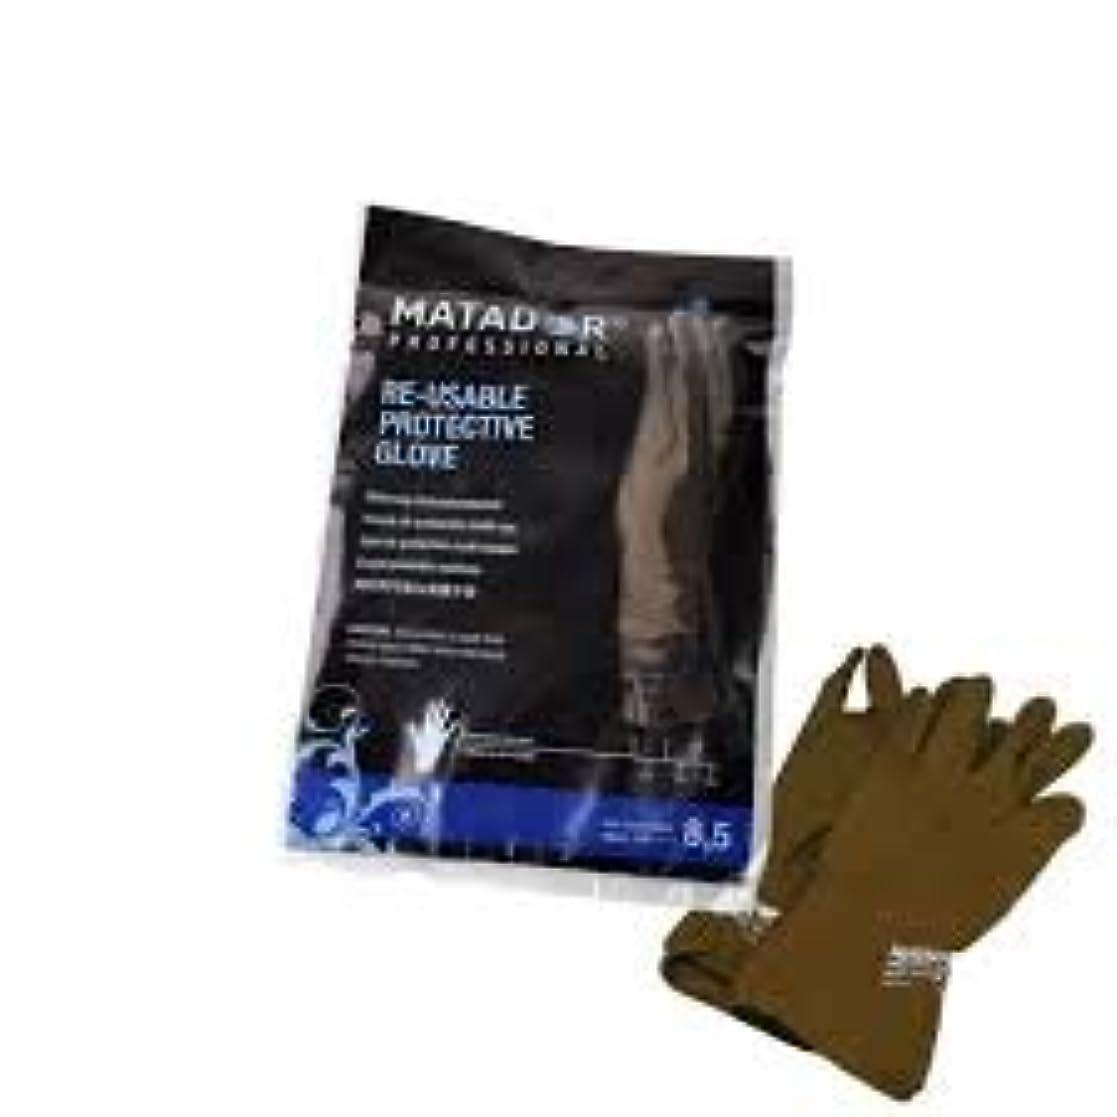 逆中央月曜マタドールゴム手袋 8.5吋 【5個セット】